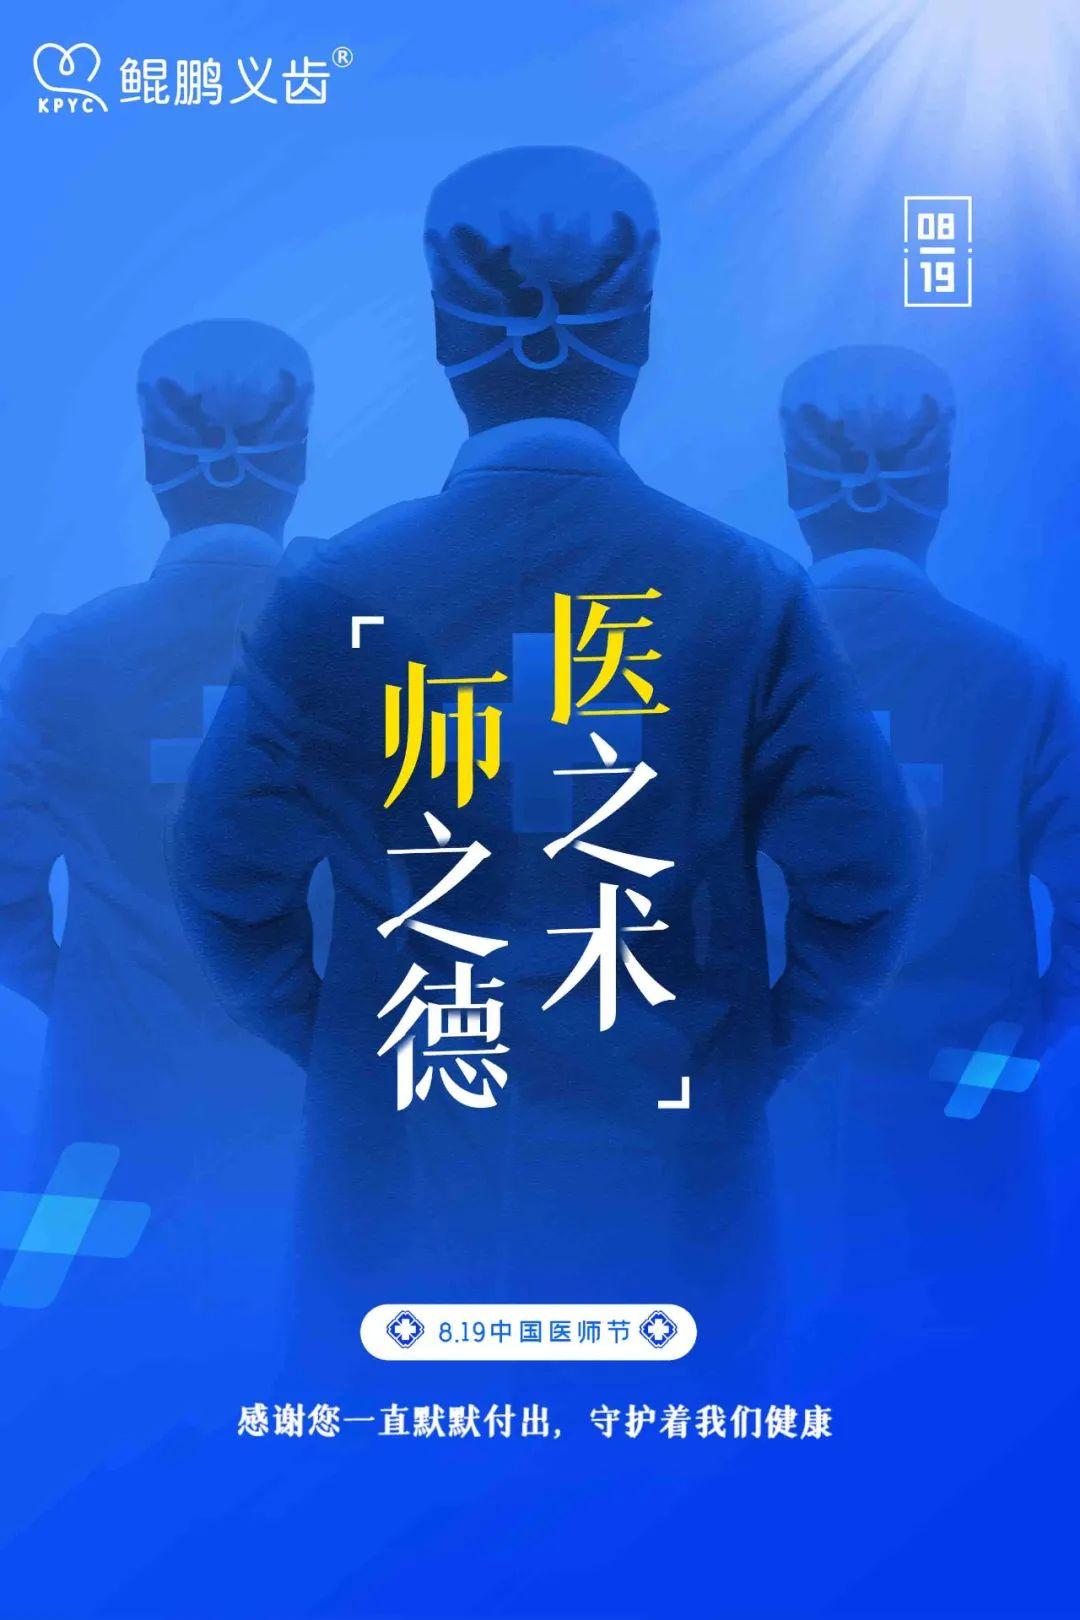 醫之術 師之德丨致敬醫師 中國醫師節快樂!